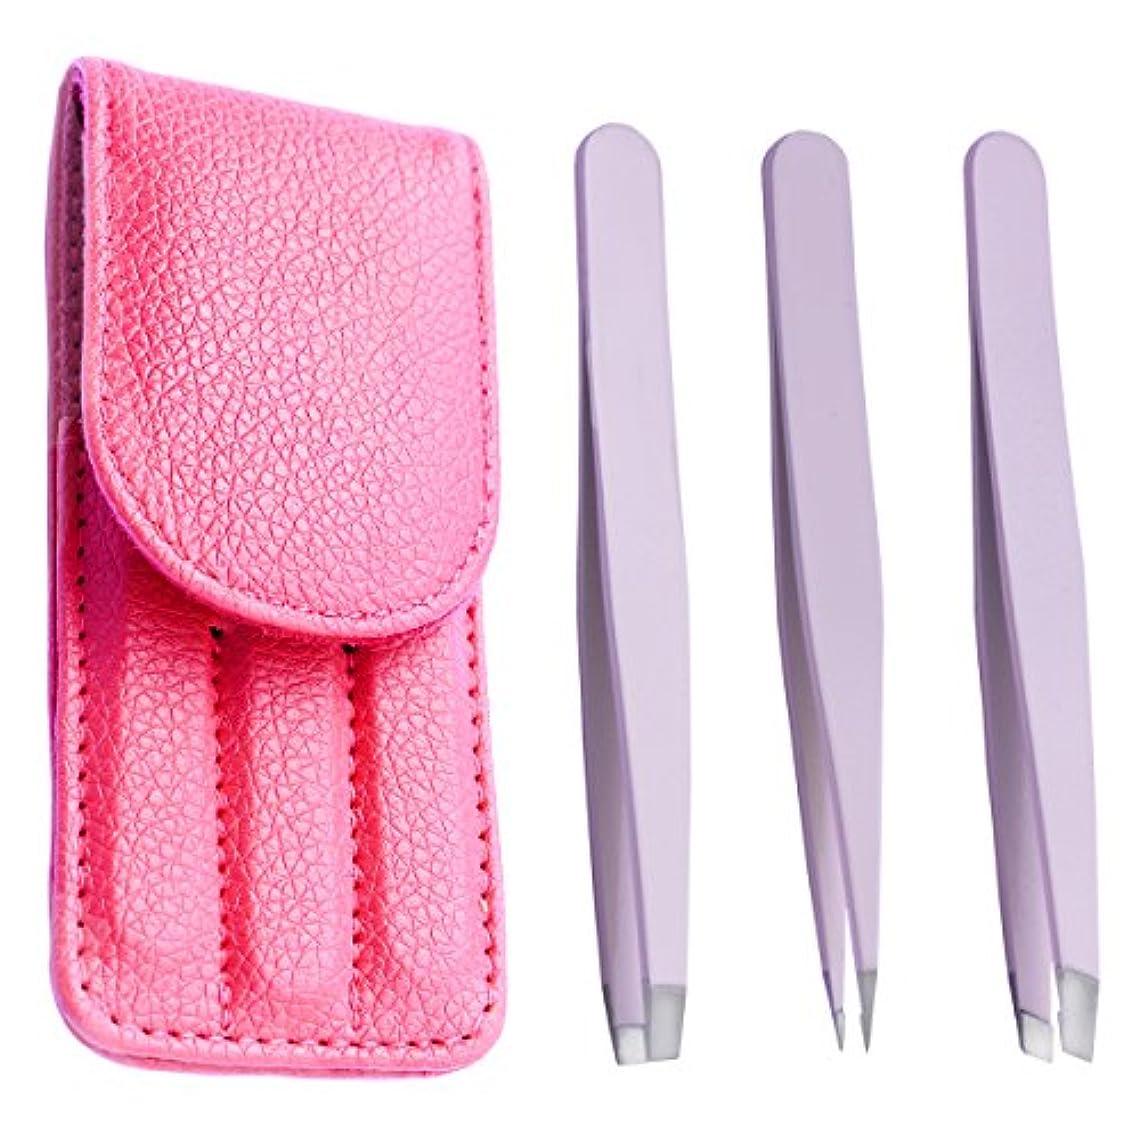 操作可能韻仕出します光自在(Cozyshine) ステンレス毛抜き 専用ケース付き ツイーザー 眉毛 ステンレス製 3本セット 高級毛抜き 収納便利 (レッド)